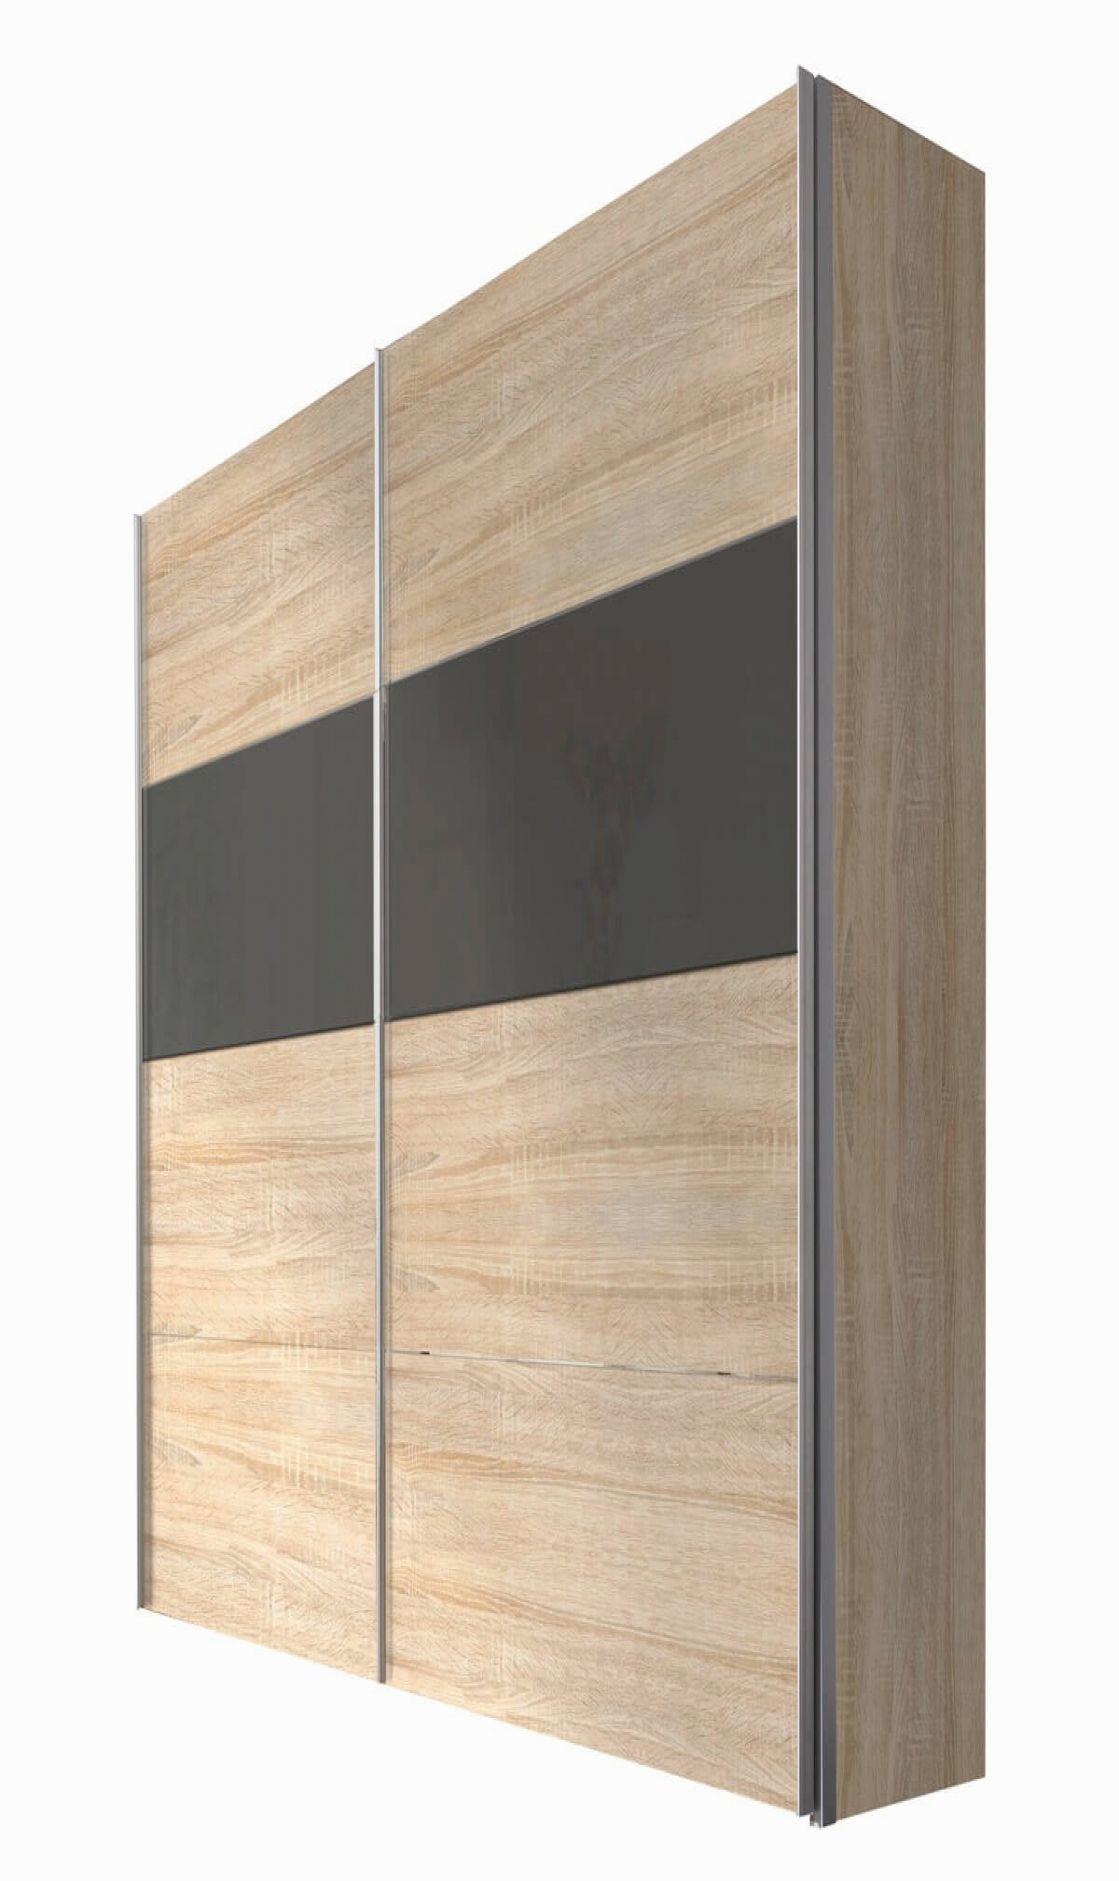 21 Elegant Schrank 300 Cm Breit In 2020 Schrank Schrank Design Schrank Zimmer